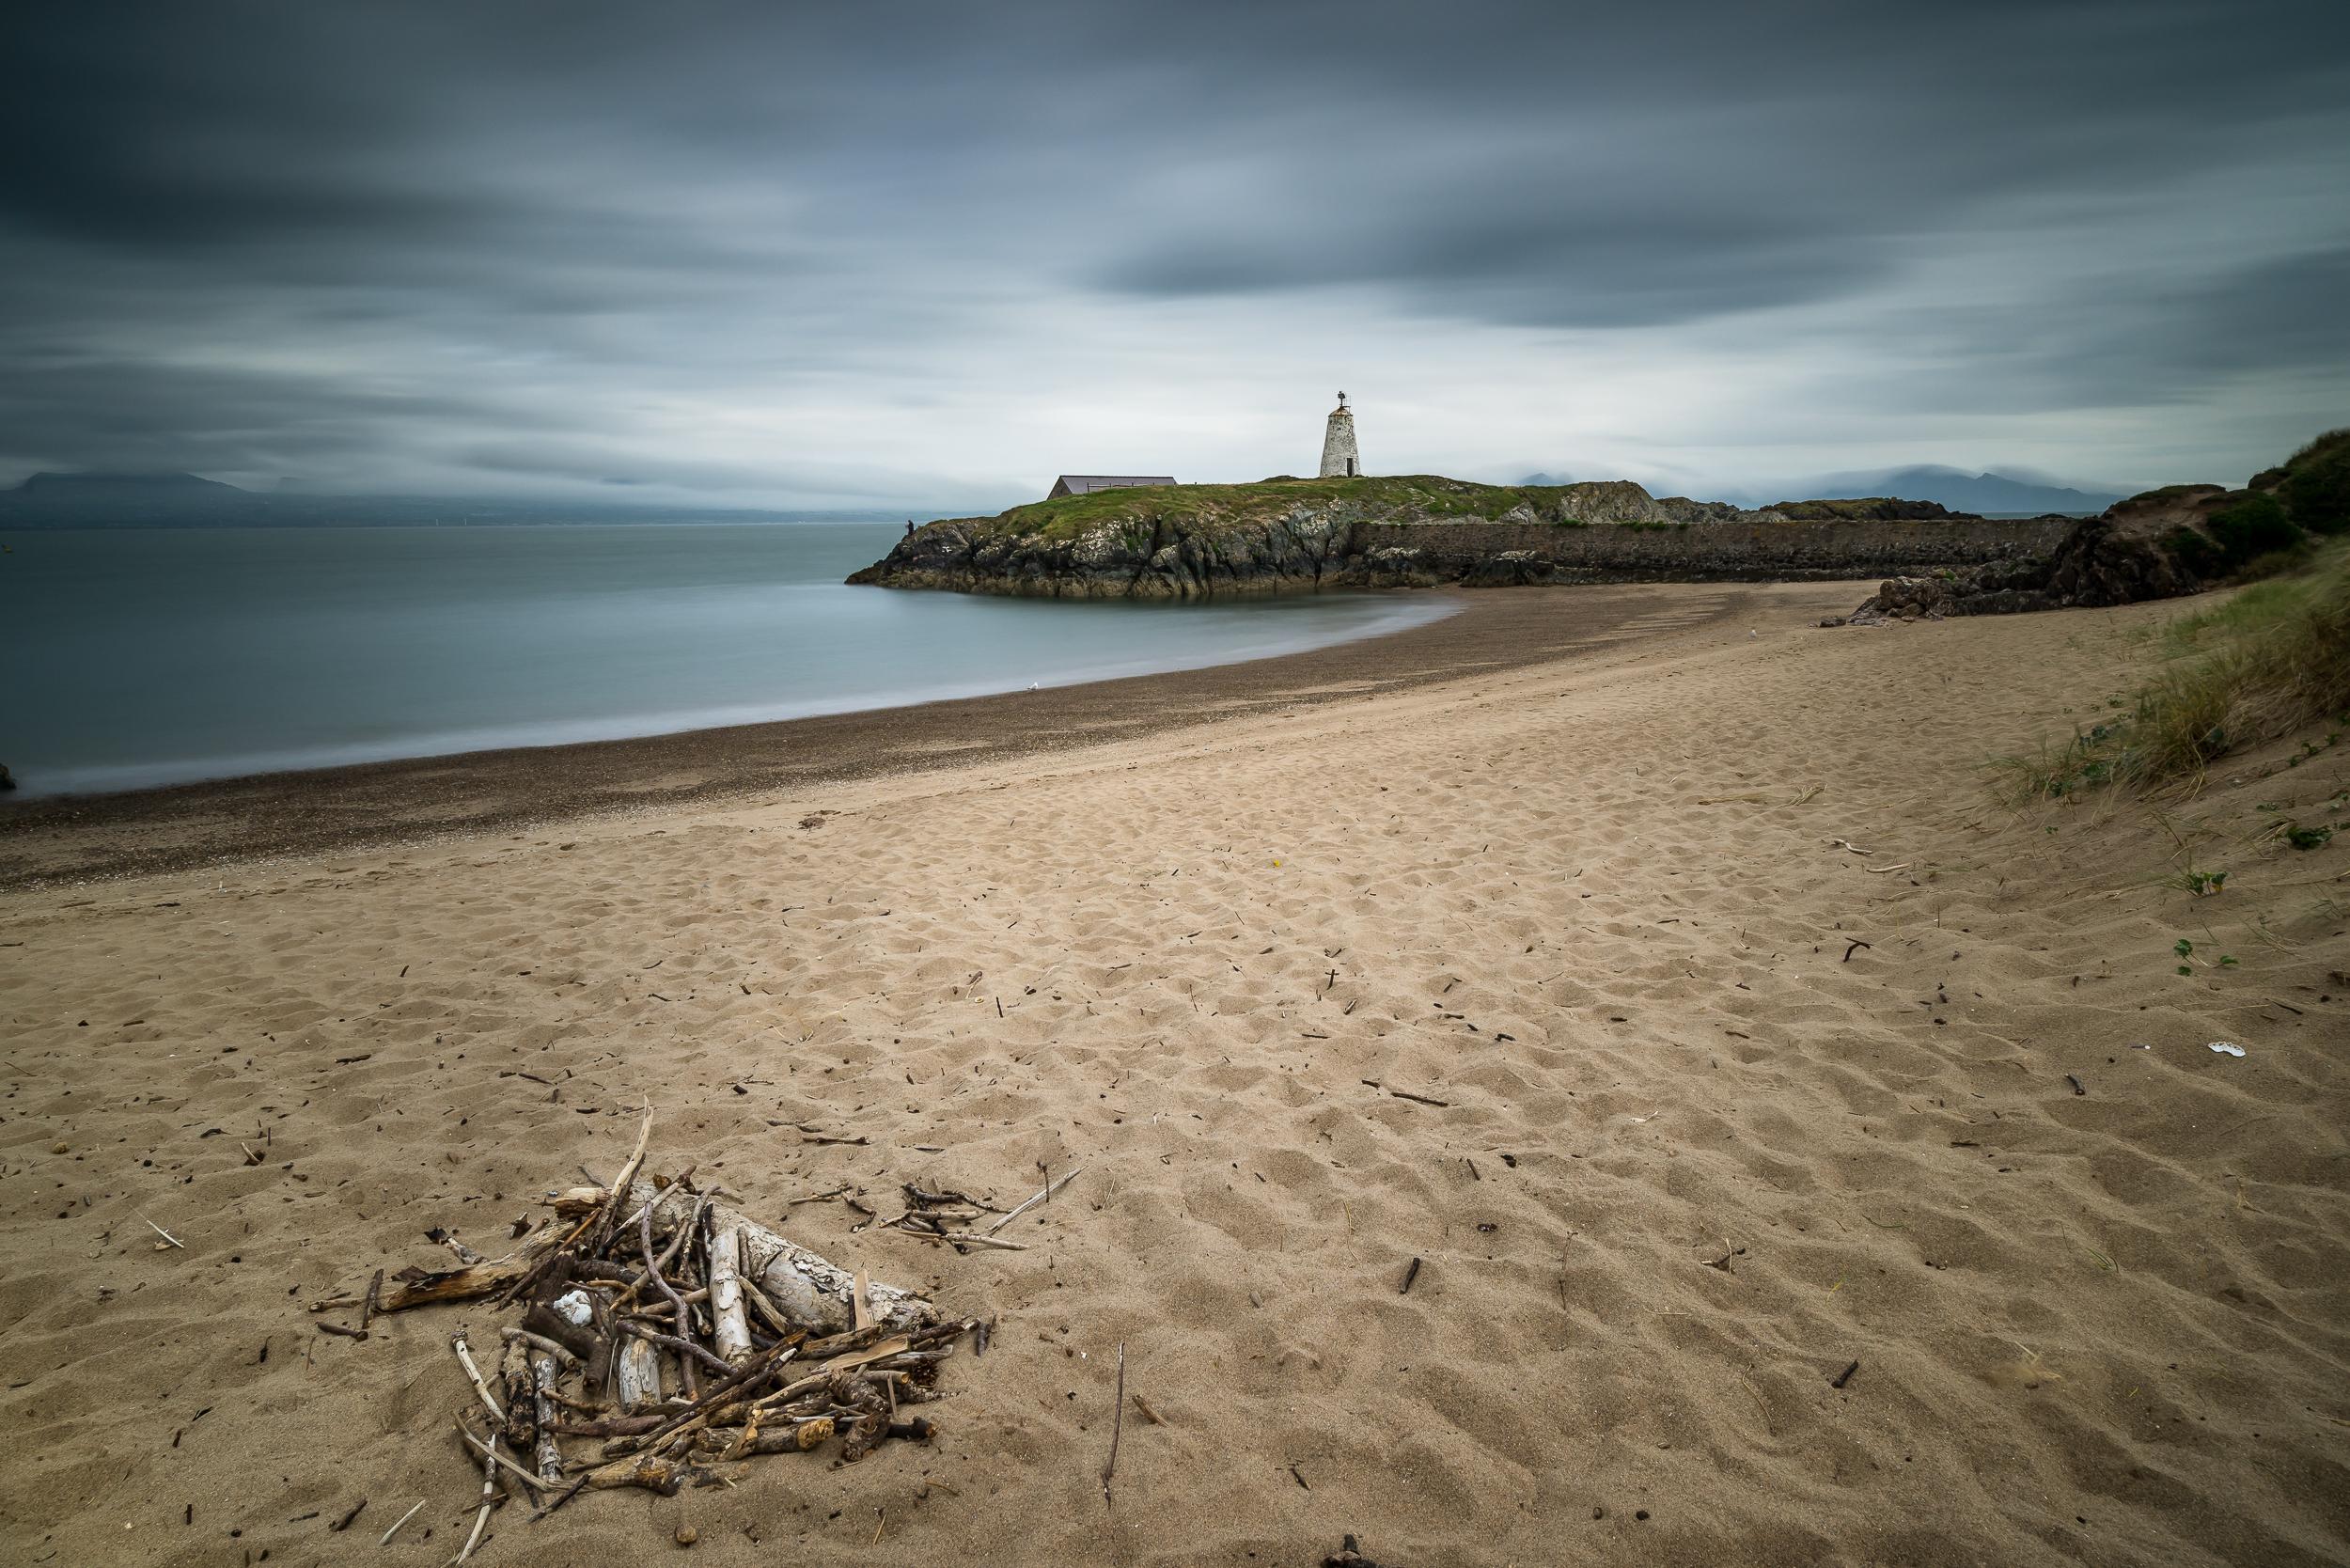 llanddwyn beach (1 of 1).jpg